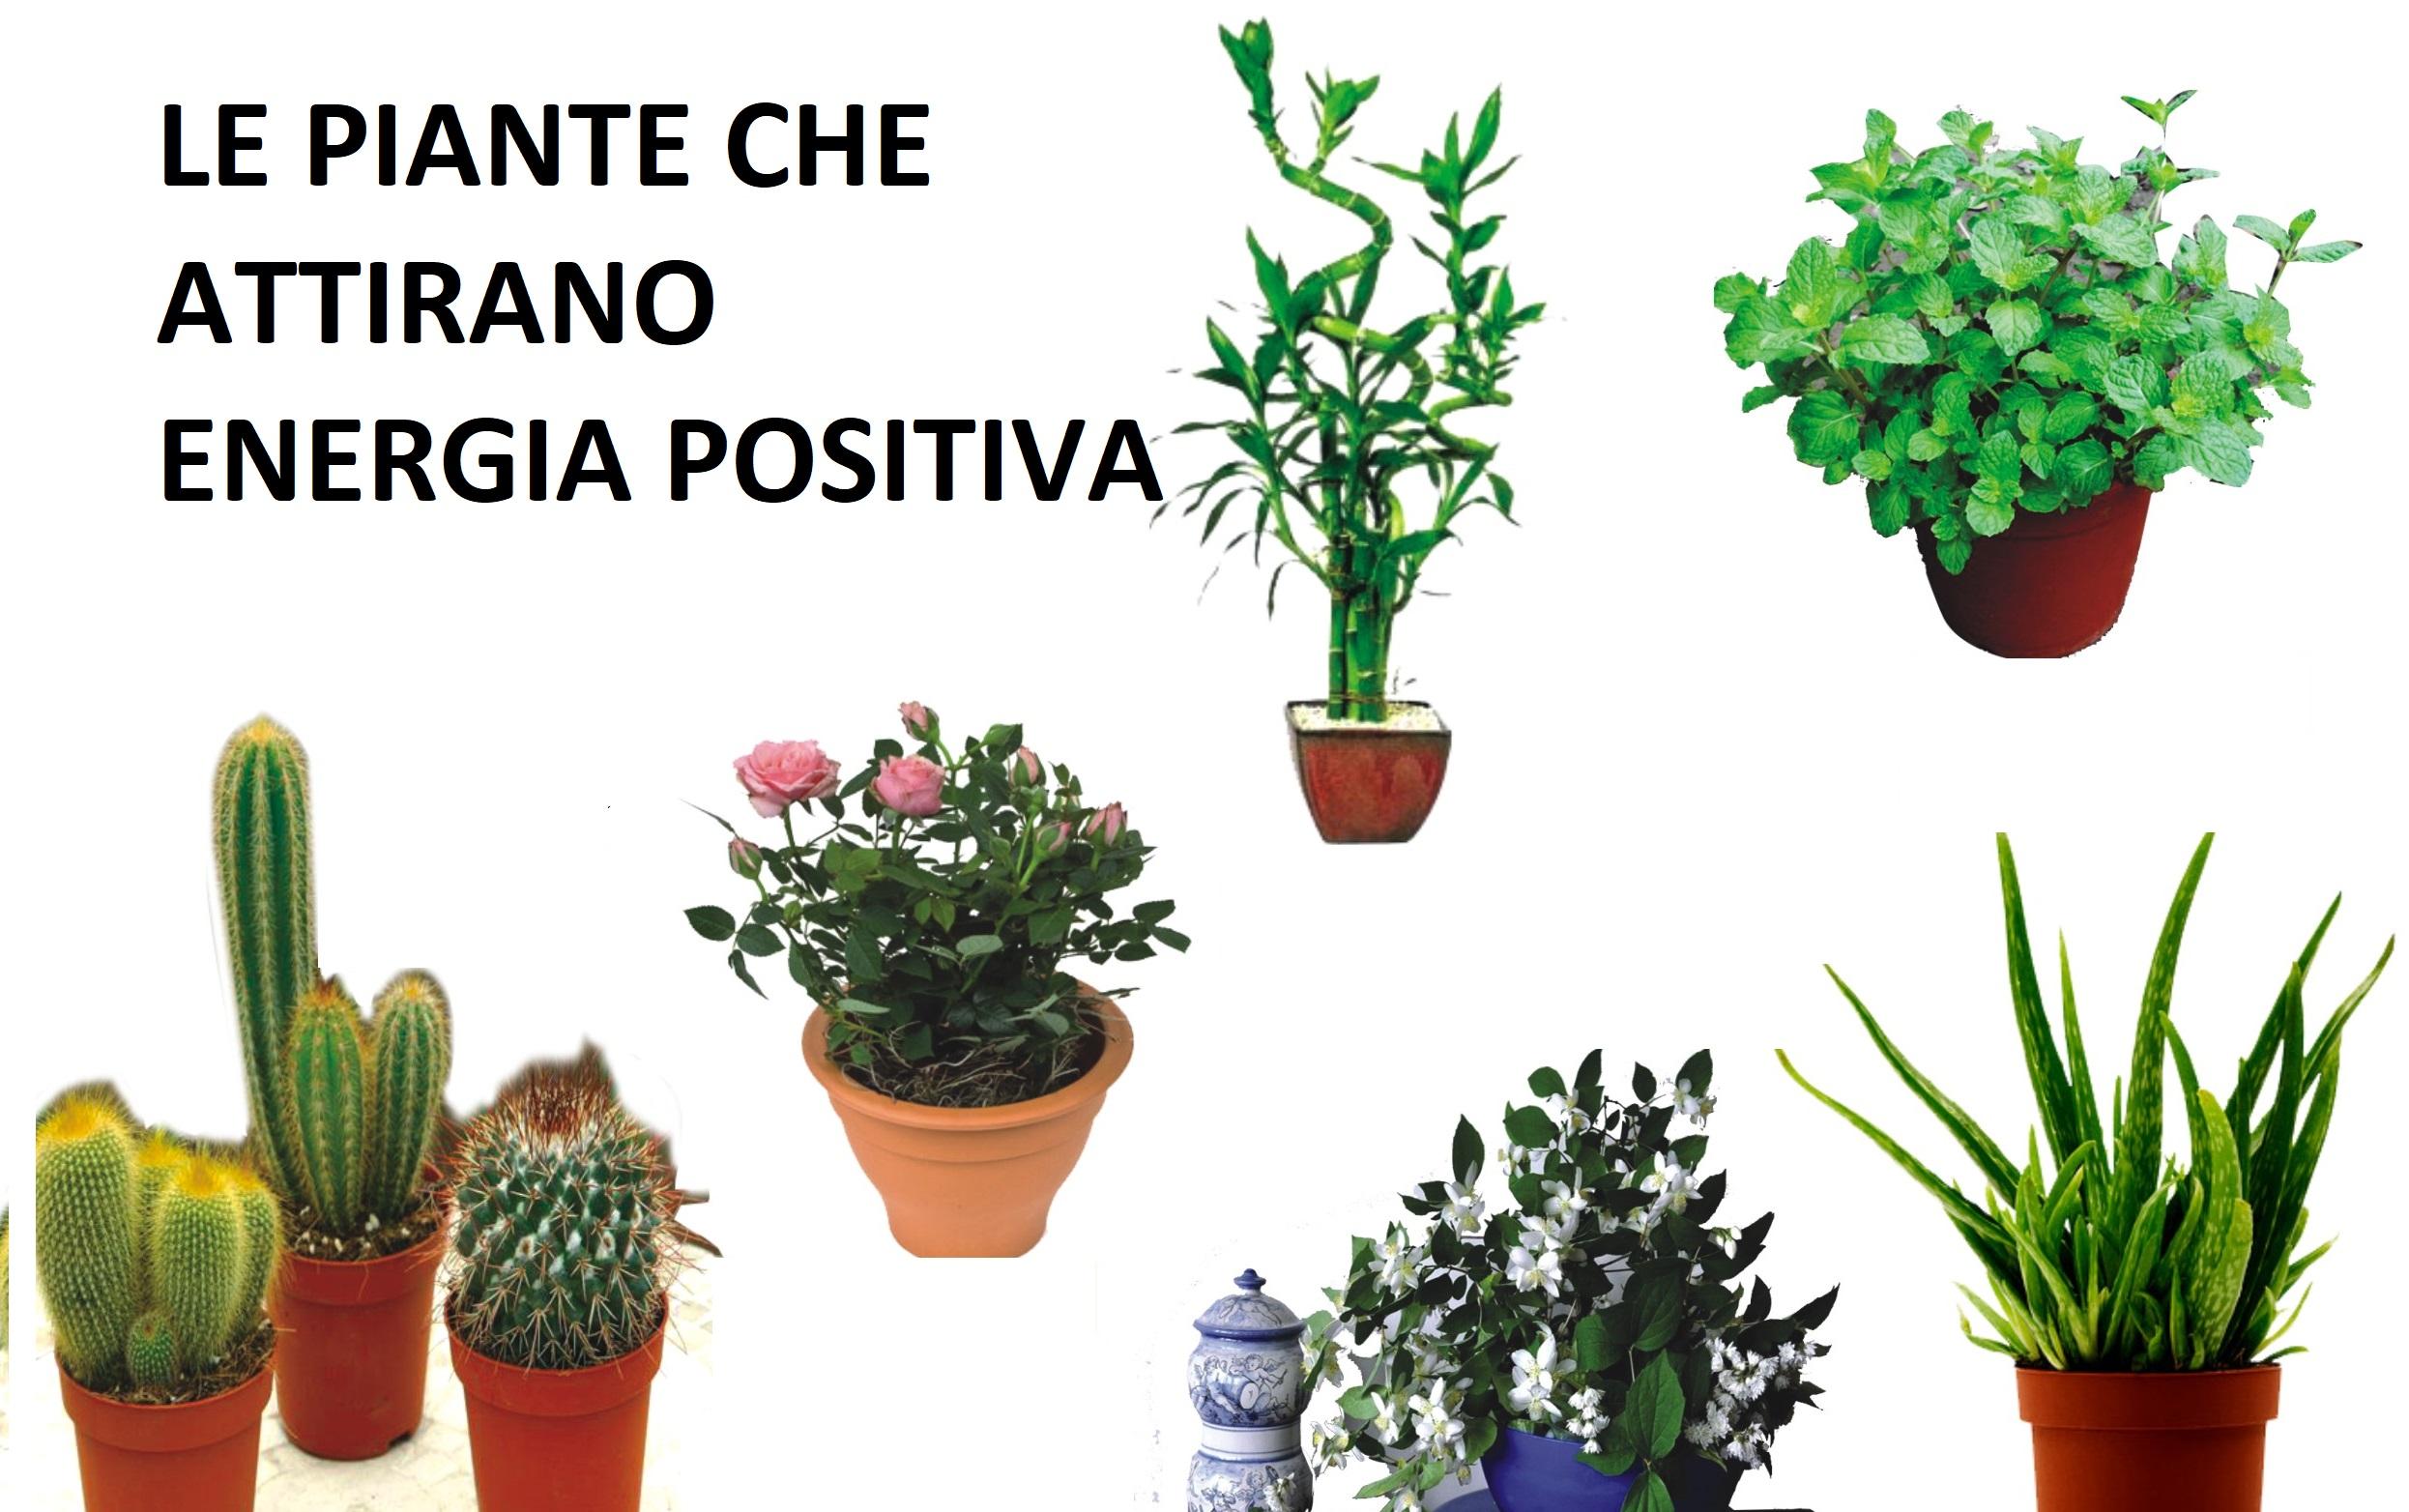 Le piante che attirano energia positiva,amore e fortuna in casa